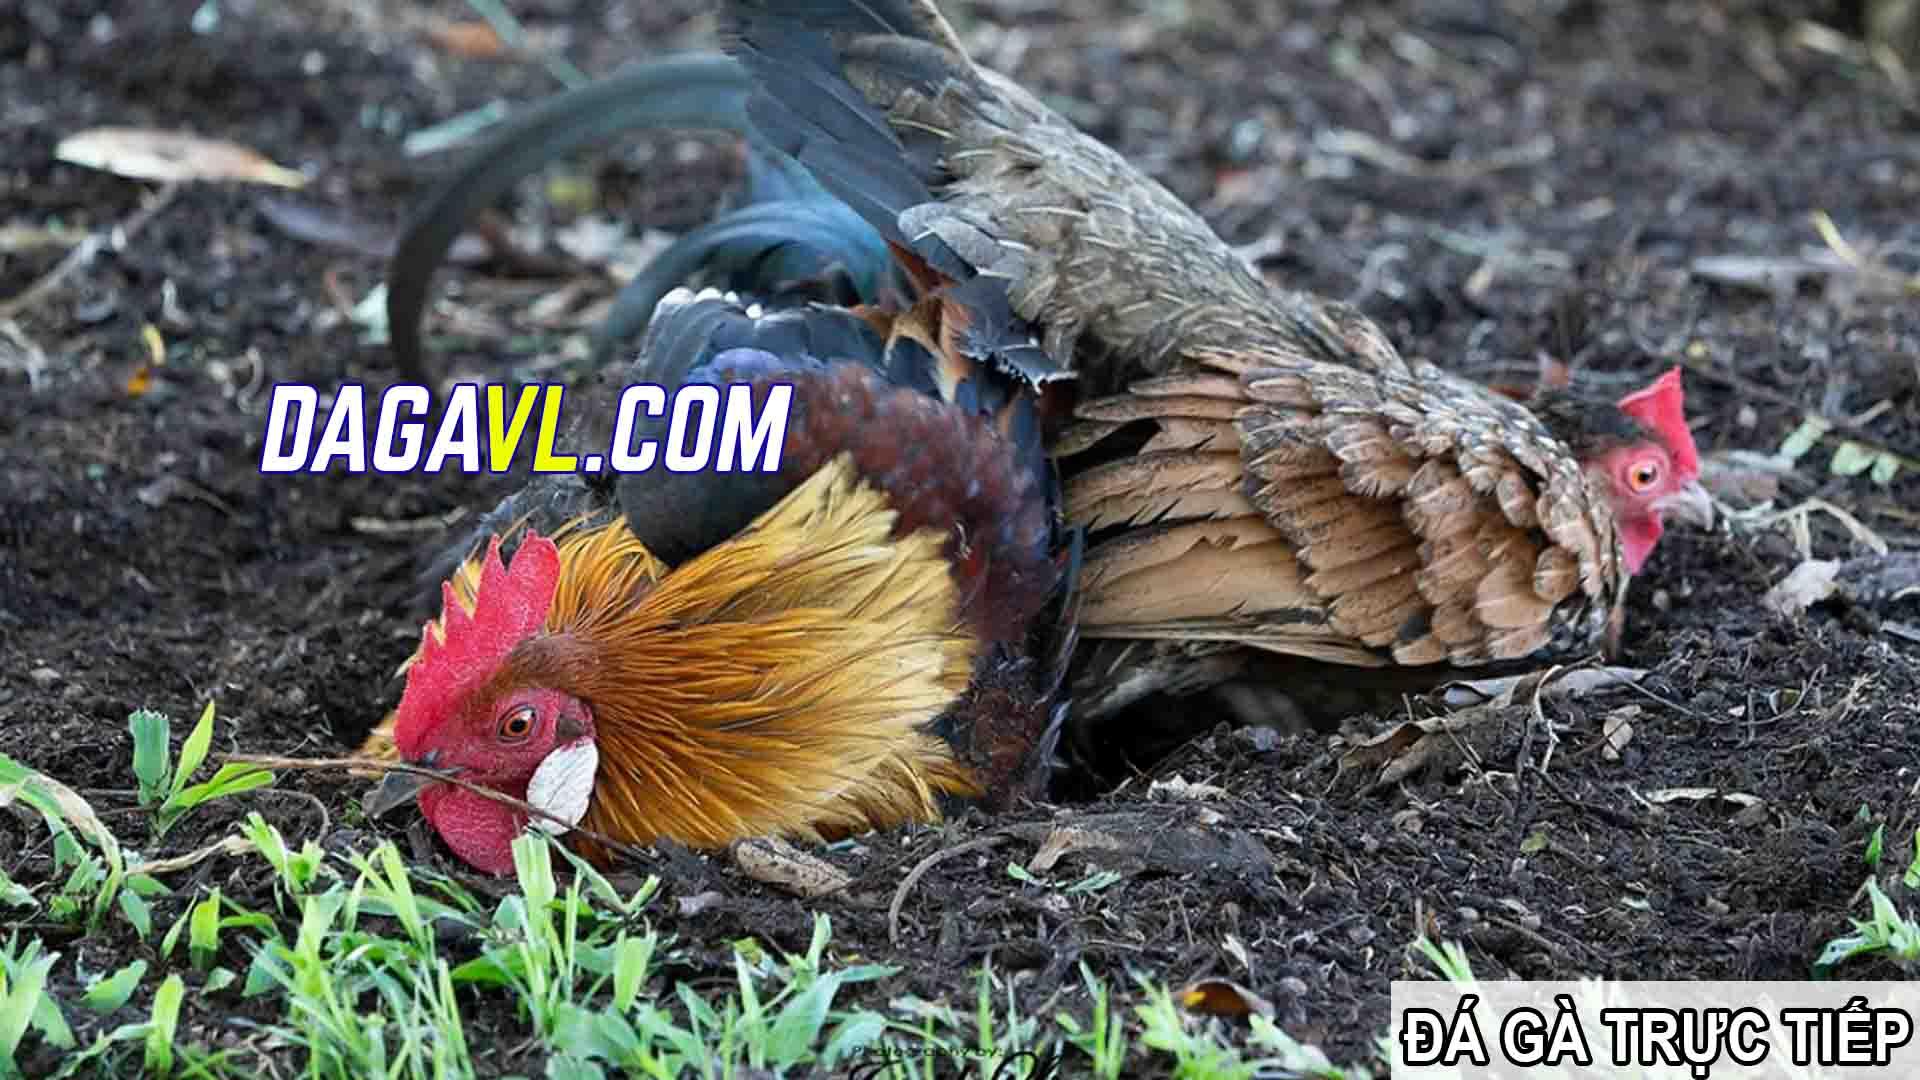 DAGAVL.COM - Cách huấn luyện gà đá khỏe mạnh